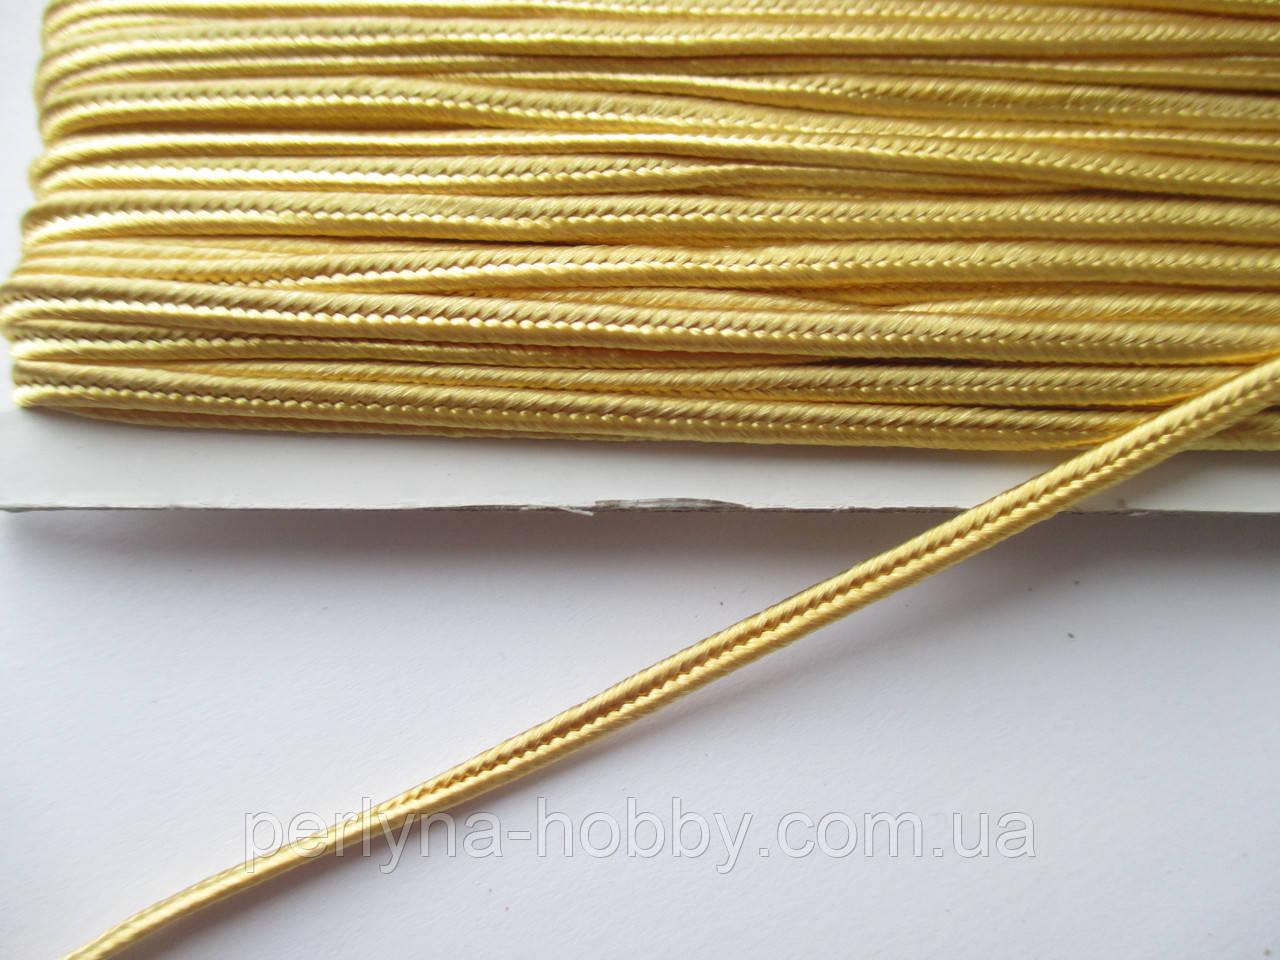 Сутажный шнур Сутаж 3 мм, бежево-золотстий  118